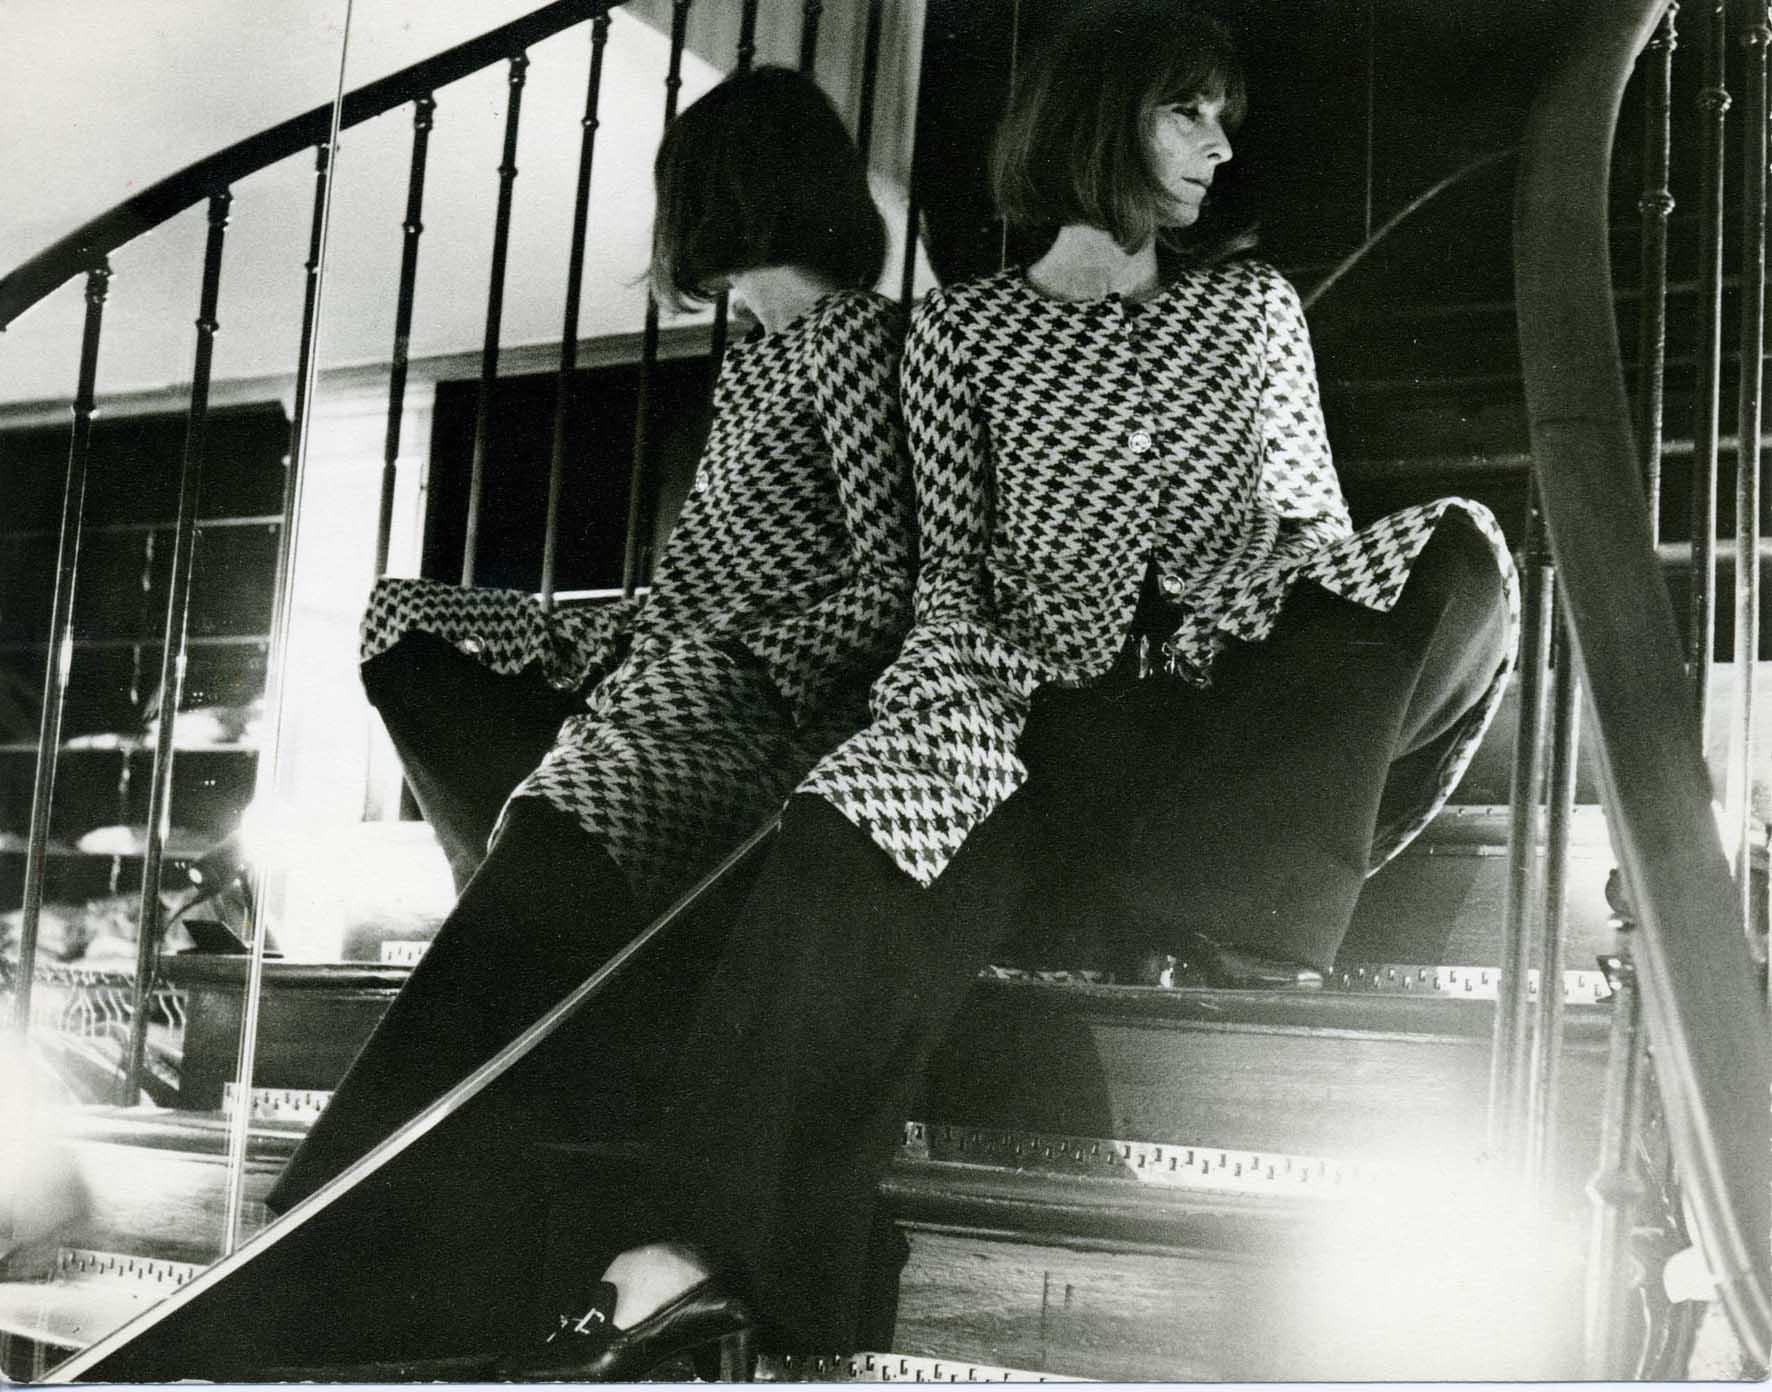 231968-Mme-Rykiel-ouverture-de-la-première-boutique-rue-de-grenelle-en-mai-1968-BD